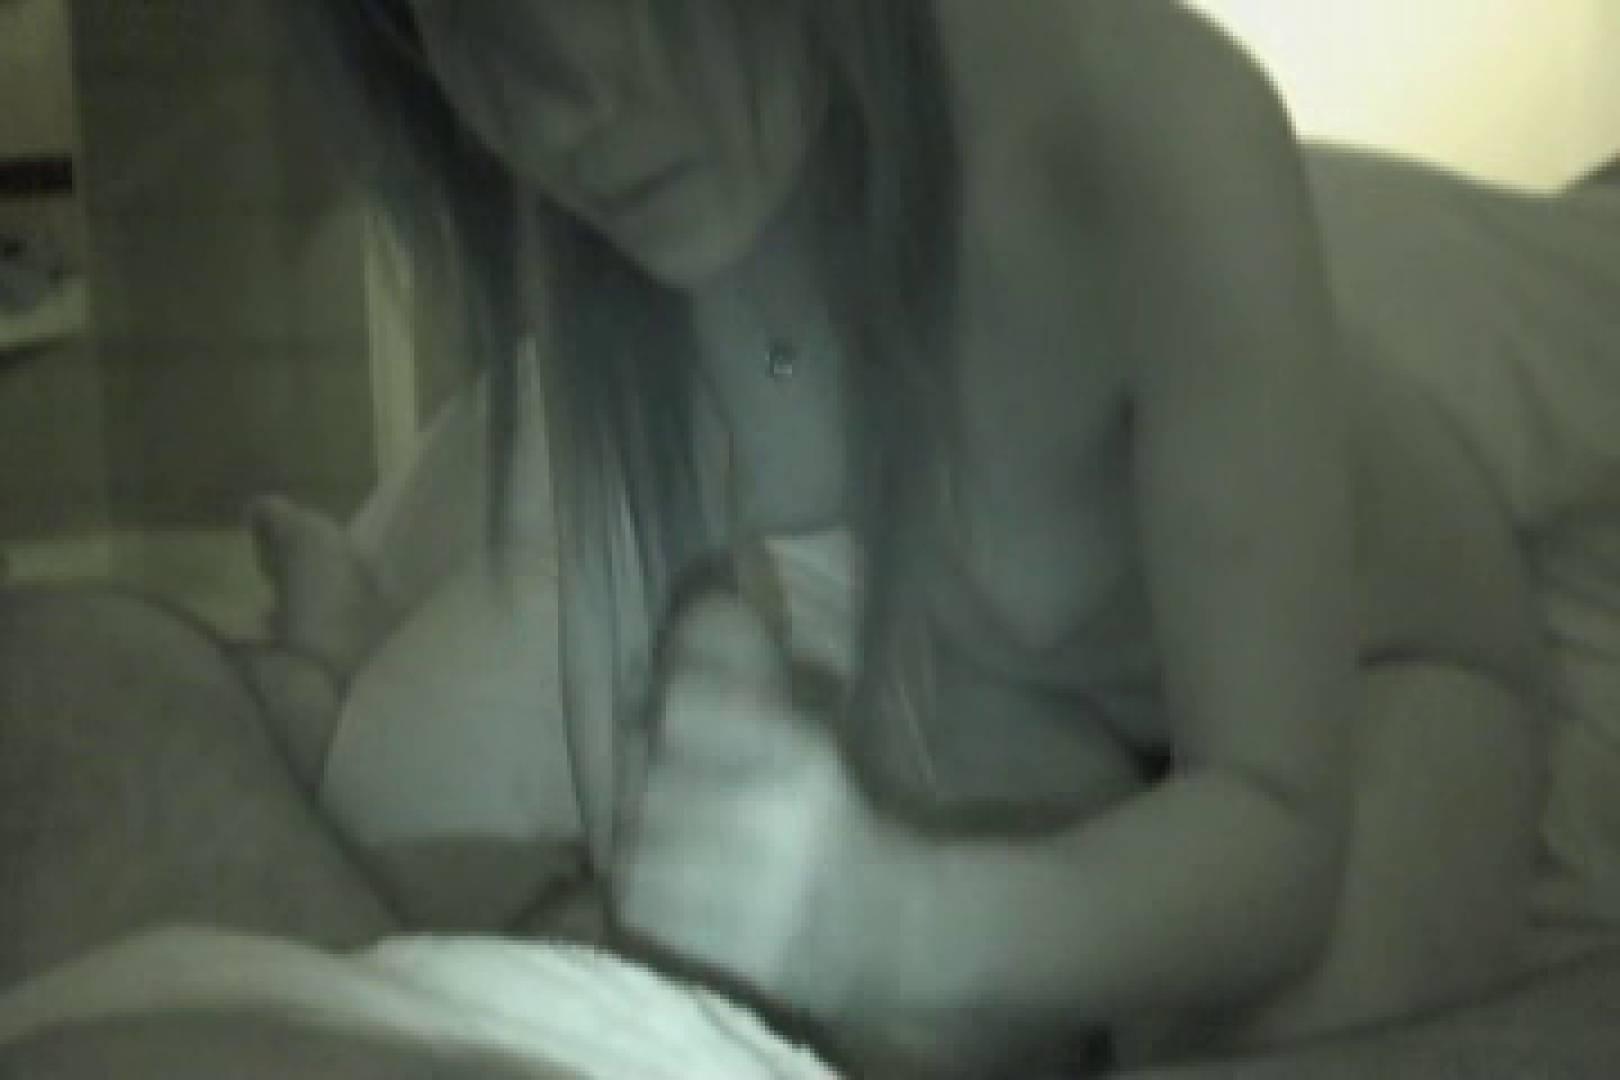 タレ目ちゃんに電気を消して中出し アナルに入れちゃう SEX無修正画像 61pic 55